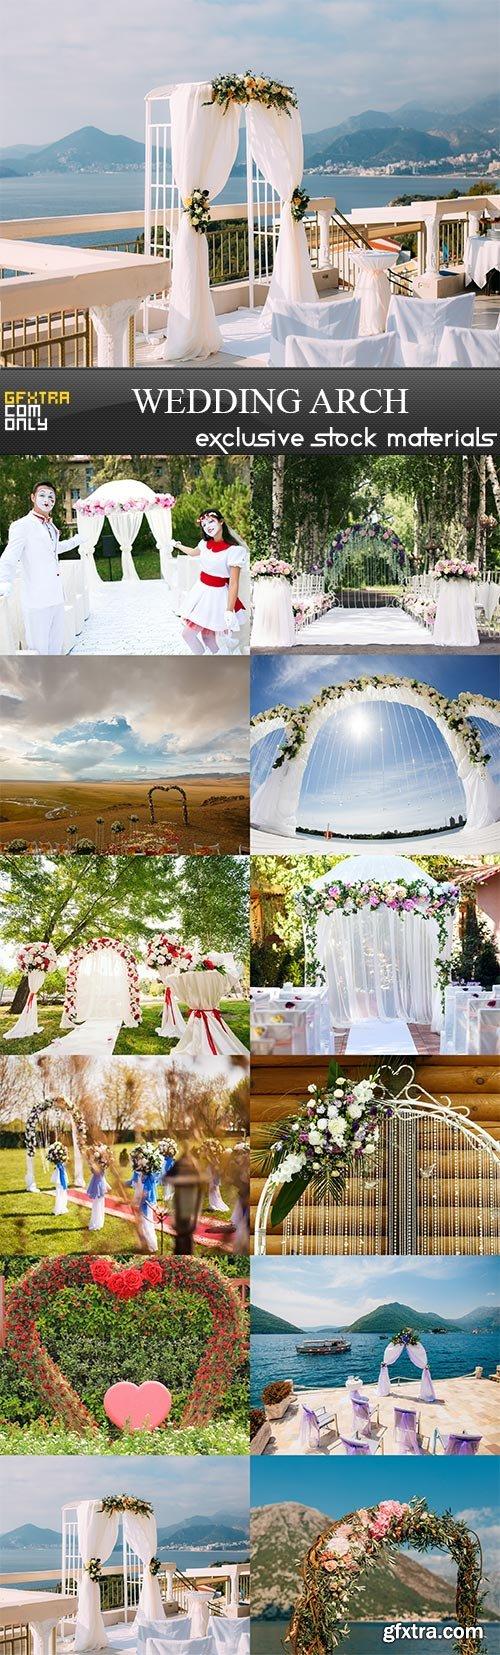 Wedding arch, 12  x  UHQ JPEG